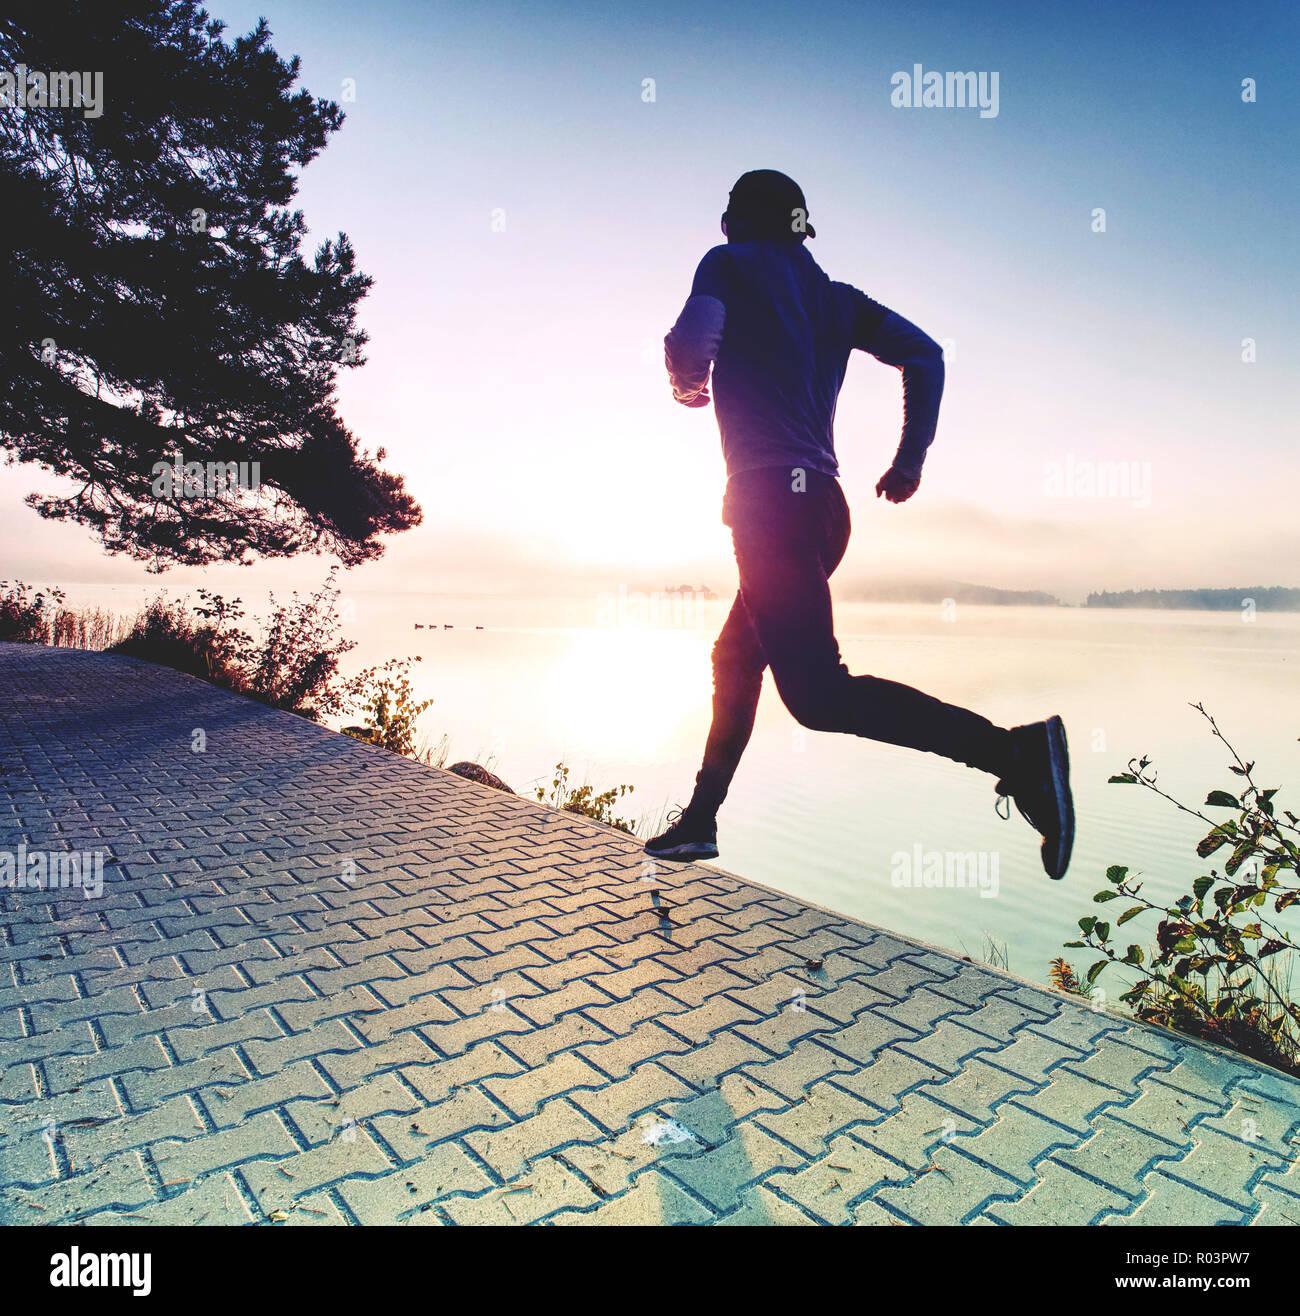 Mann laufen auf dem Lake Shore Pflaster bei Sonnenaufgang oder Sonnenuntergang - gesunder Lebensstil Konzept Stockbild